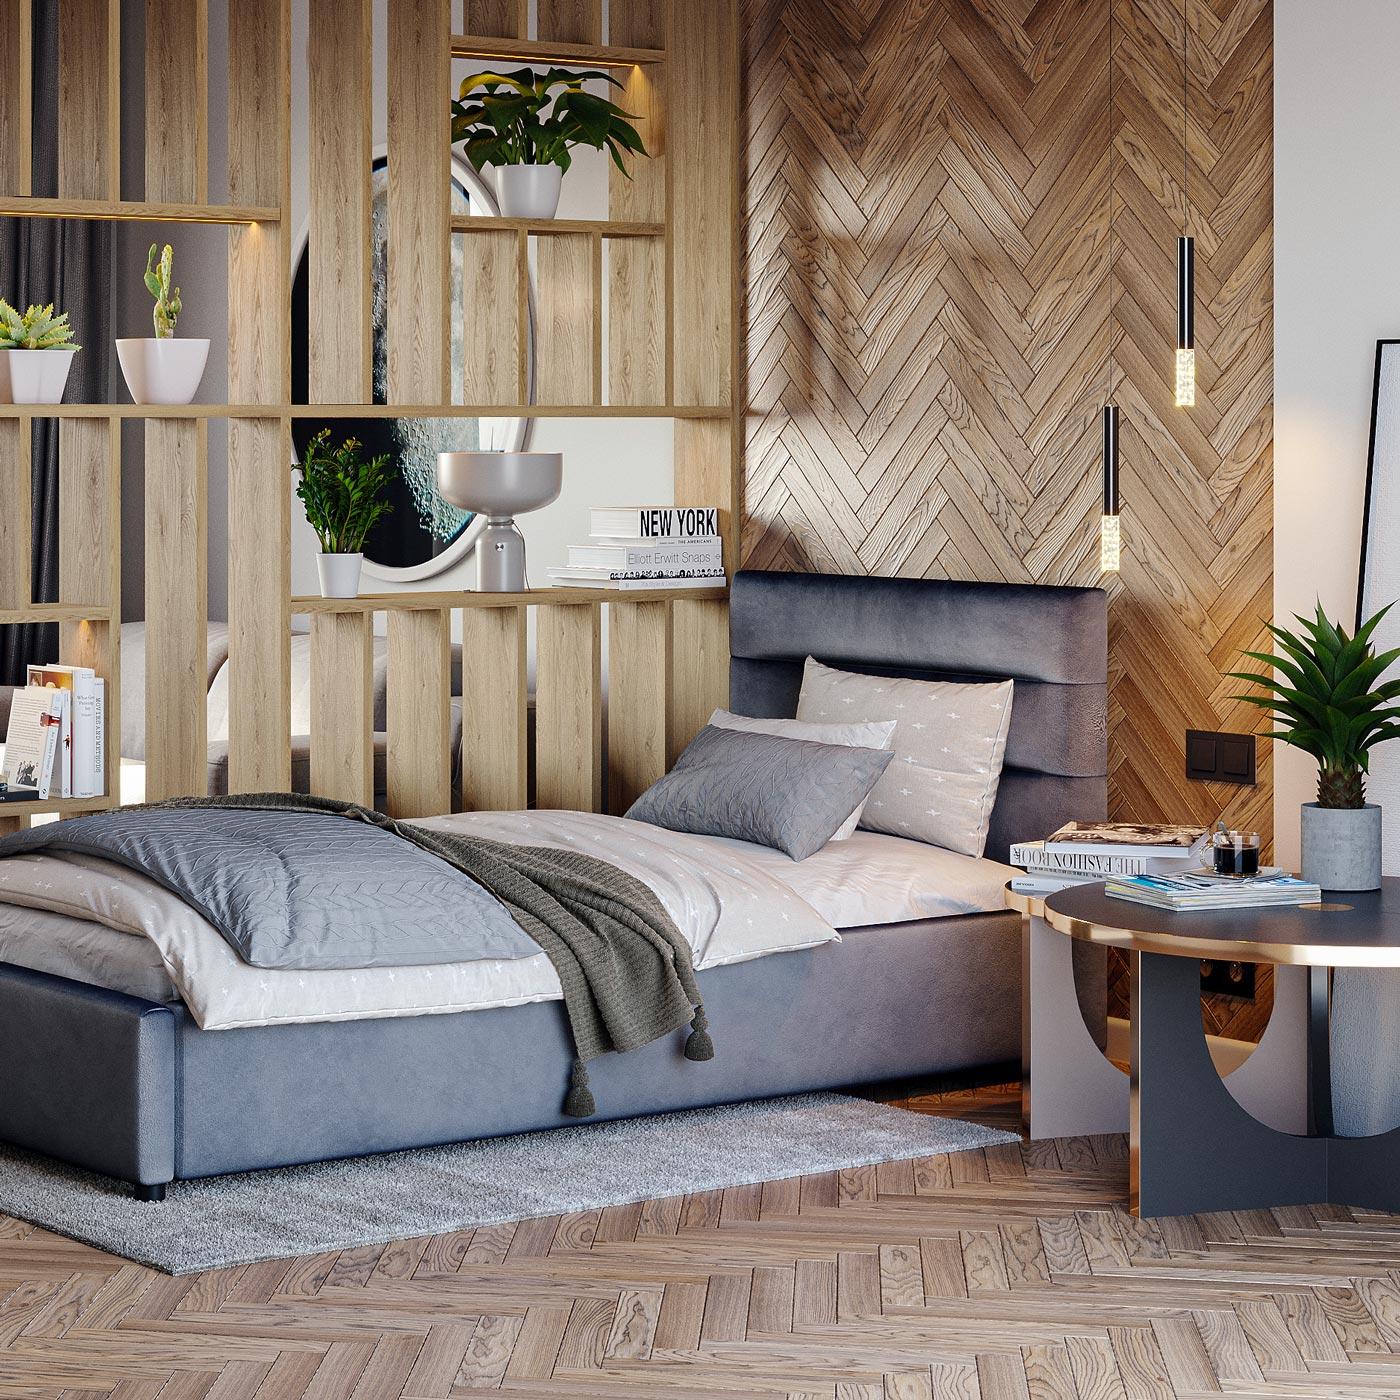 Projekt wizualizacji fotorealistycznej wnętrza salonu z odzie leniem otwartej przestrzeni na salon i sypialnie